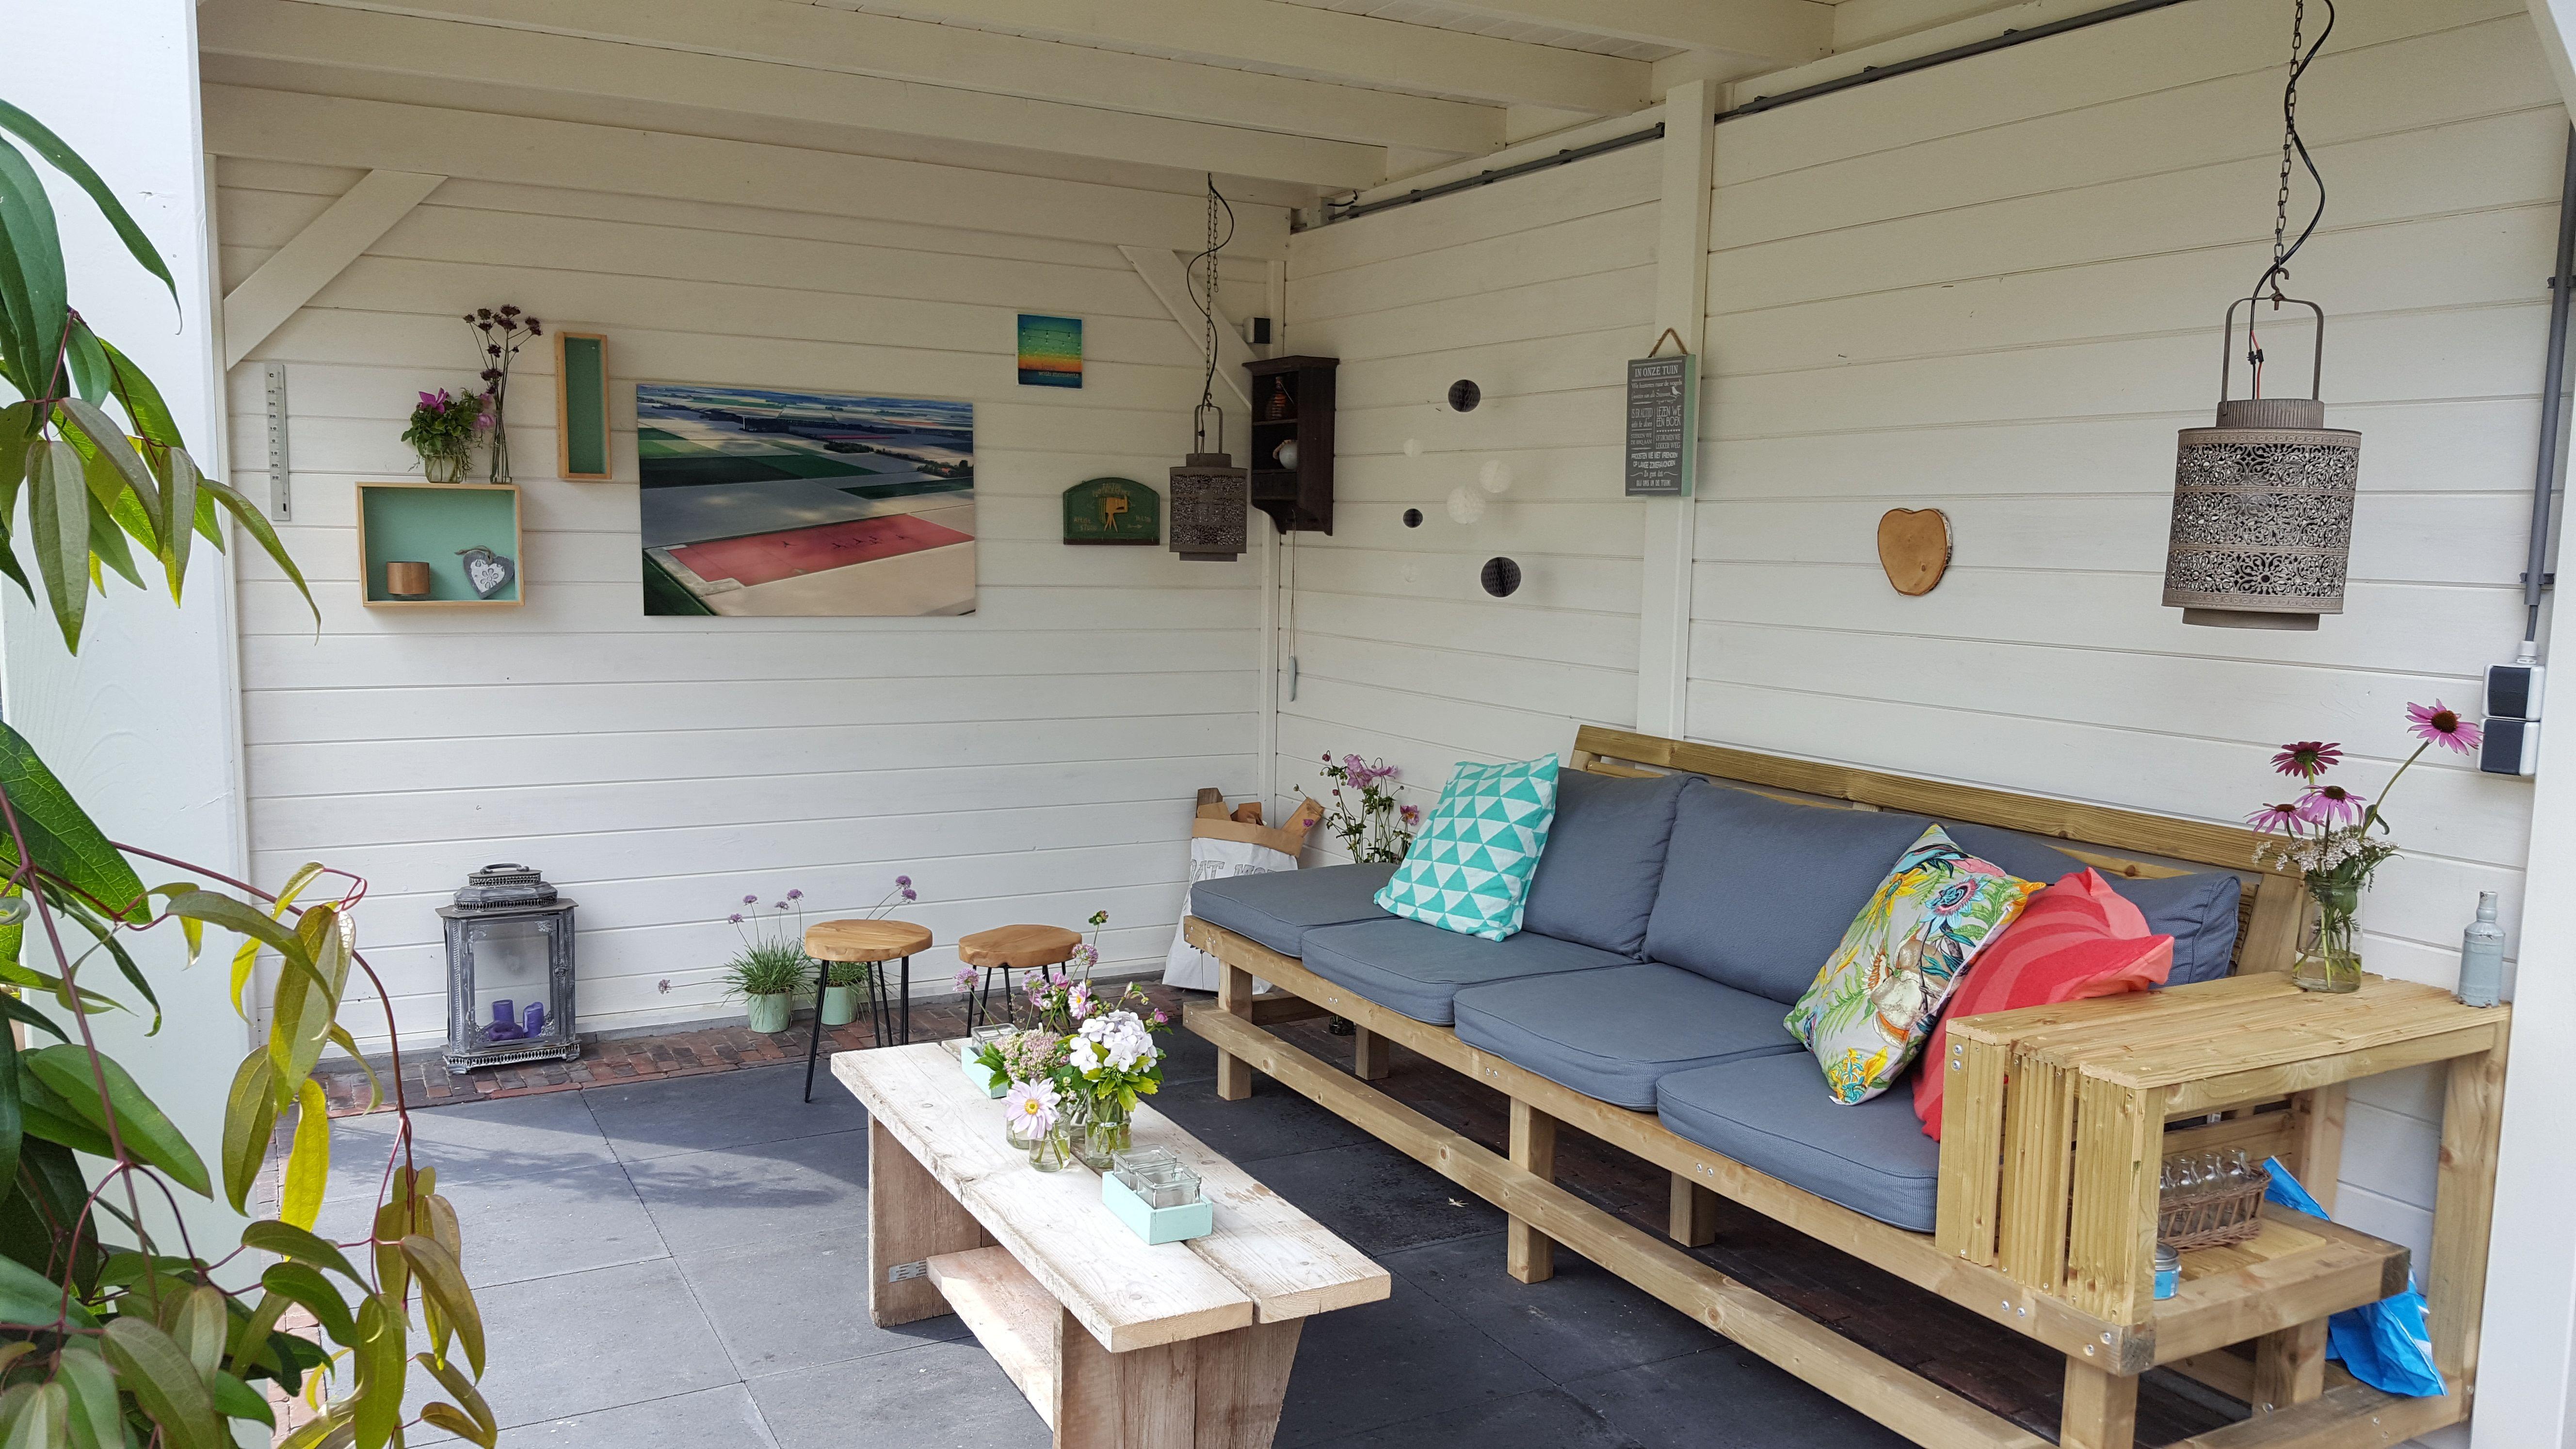 Lounge Kussens Buiten : Houten tuinbank met grijze loungekussens en sierkussens voor